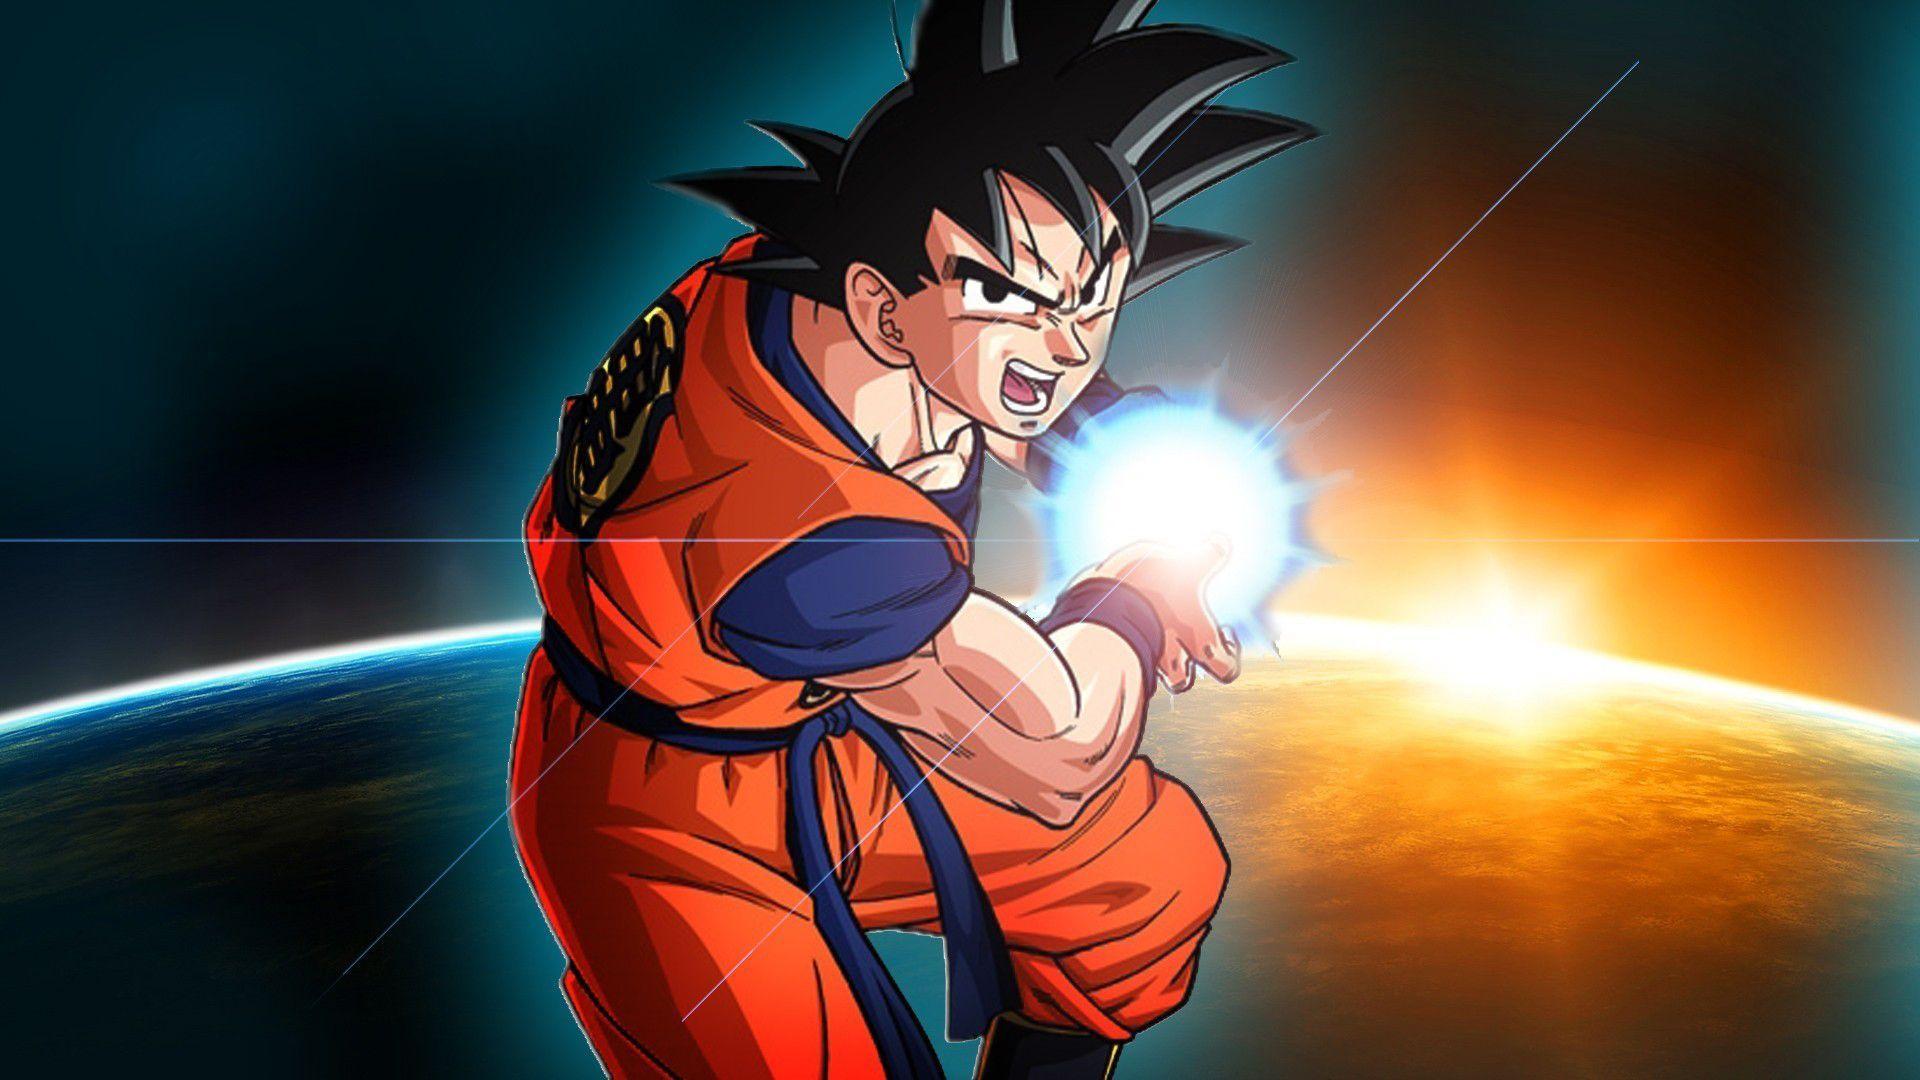 64 Best Free Goku Dragon Ball Super Wallpapers Wallpaperaccess